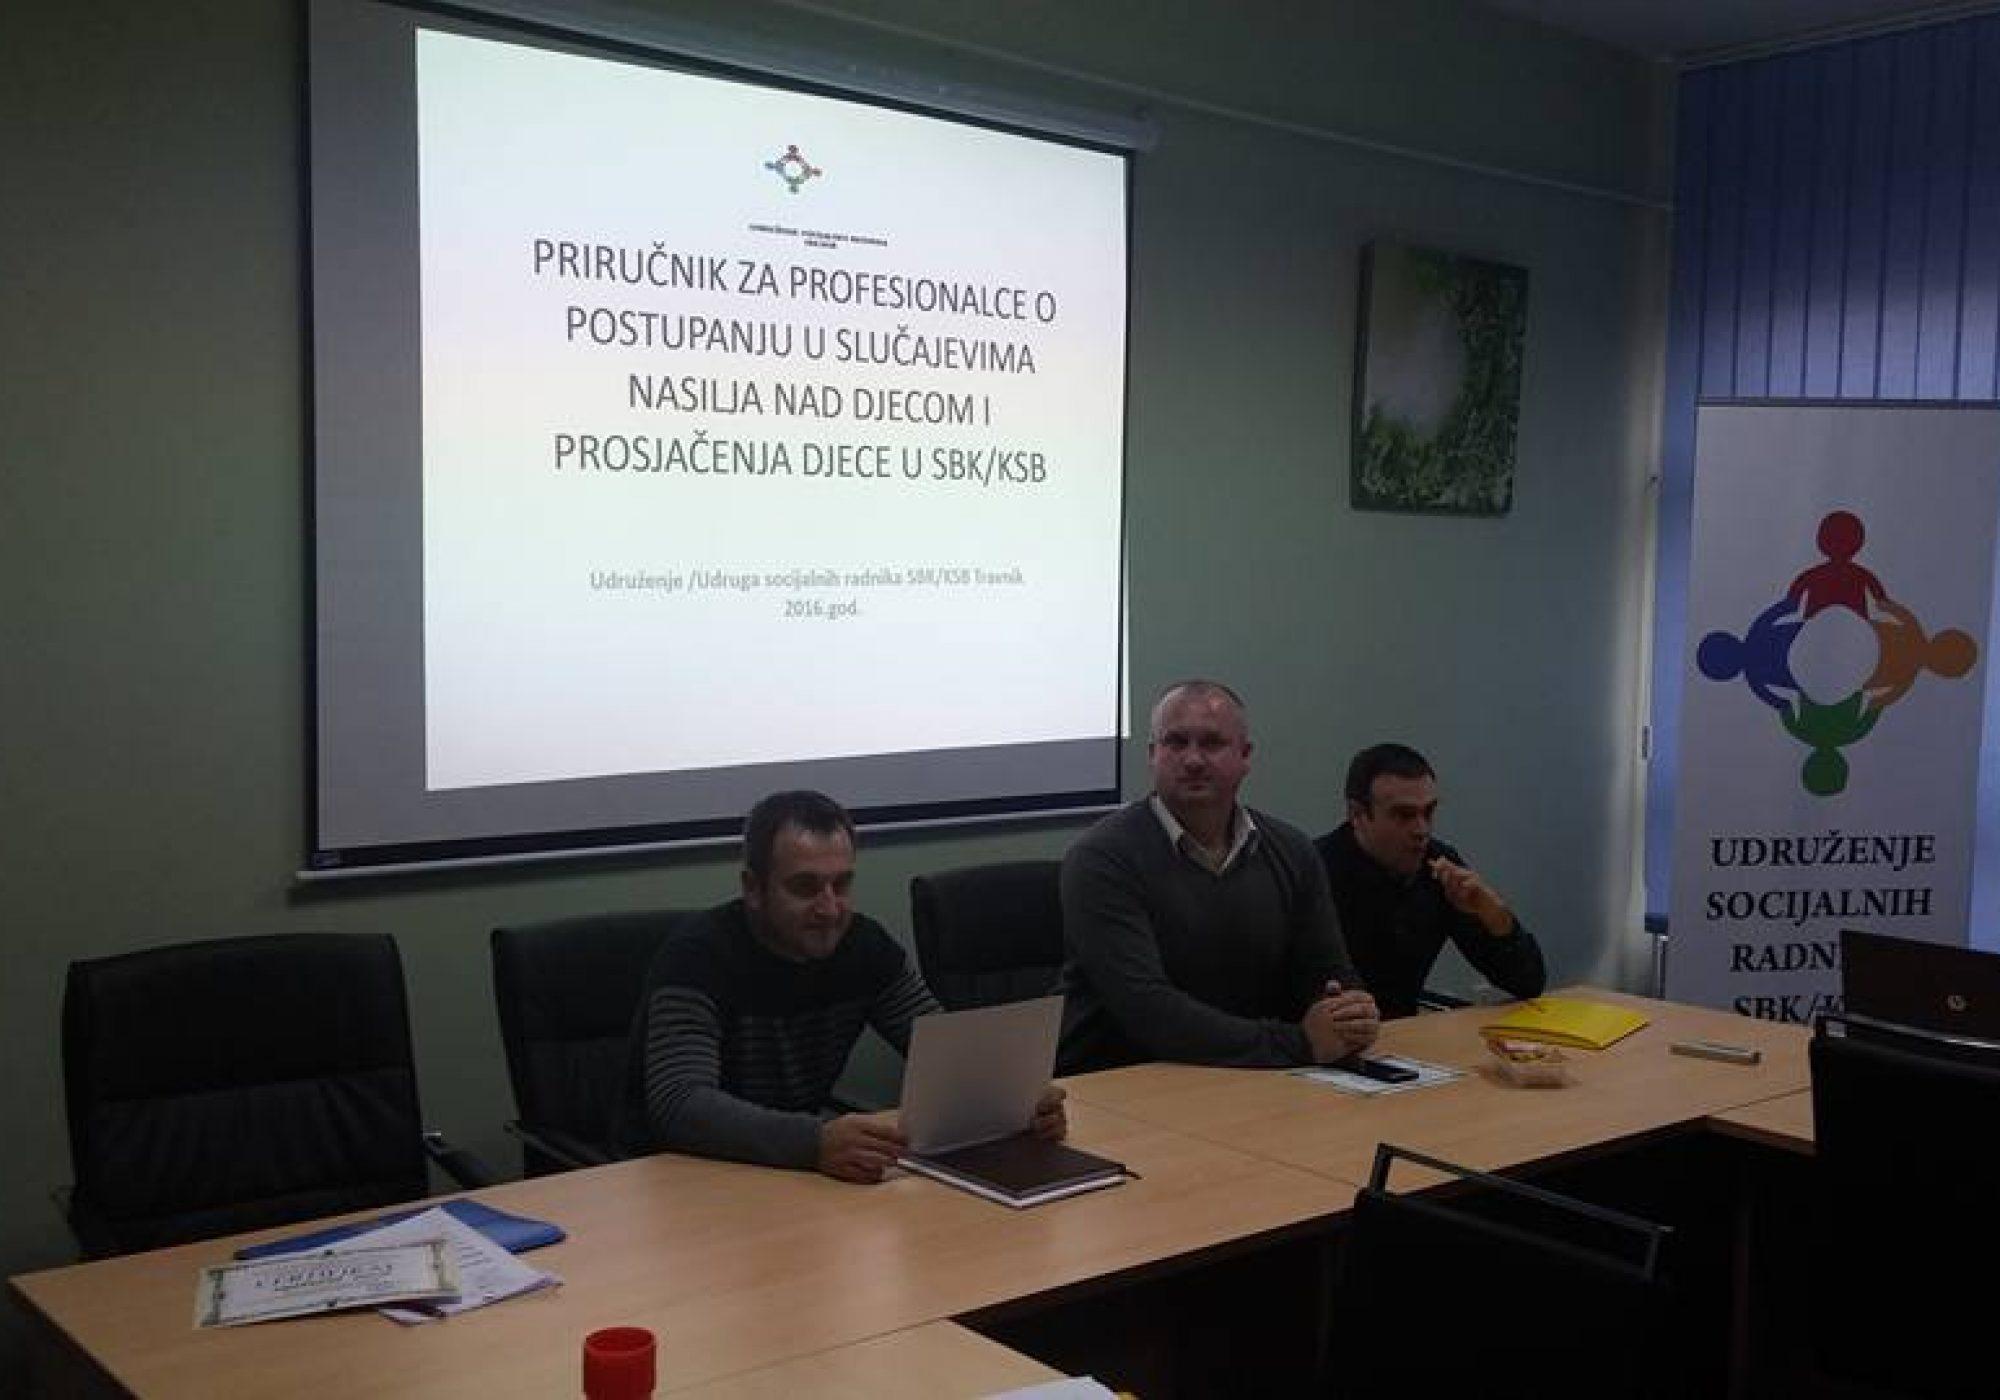 Održana druga promocija za profesionalce o postupanju u slučajevima nasilja nad djecom i prosjačenja djece u SBK/KSB